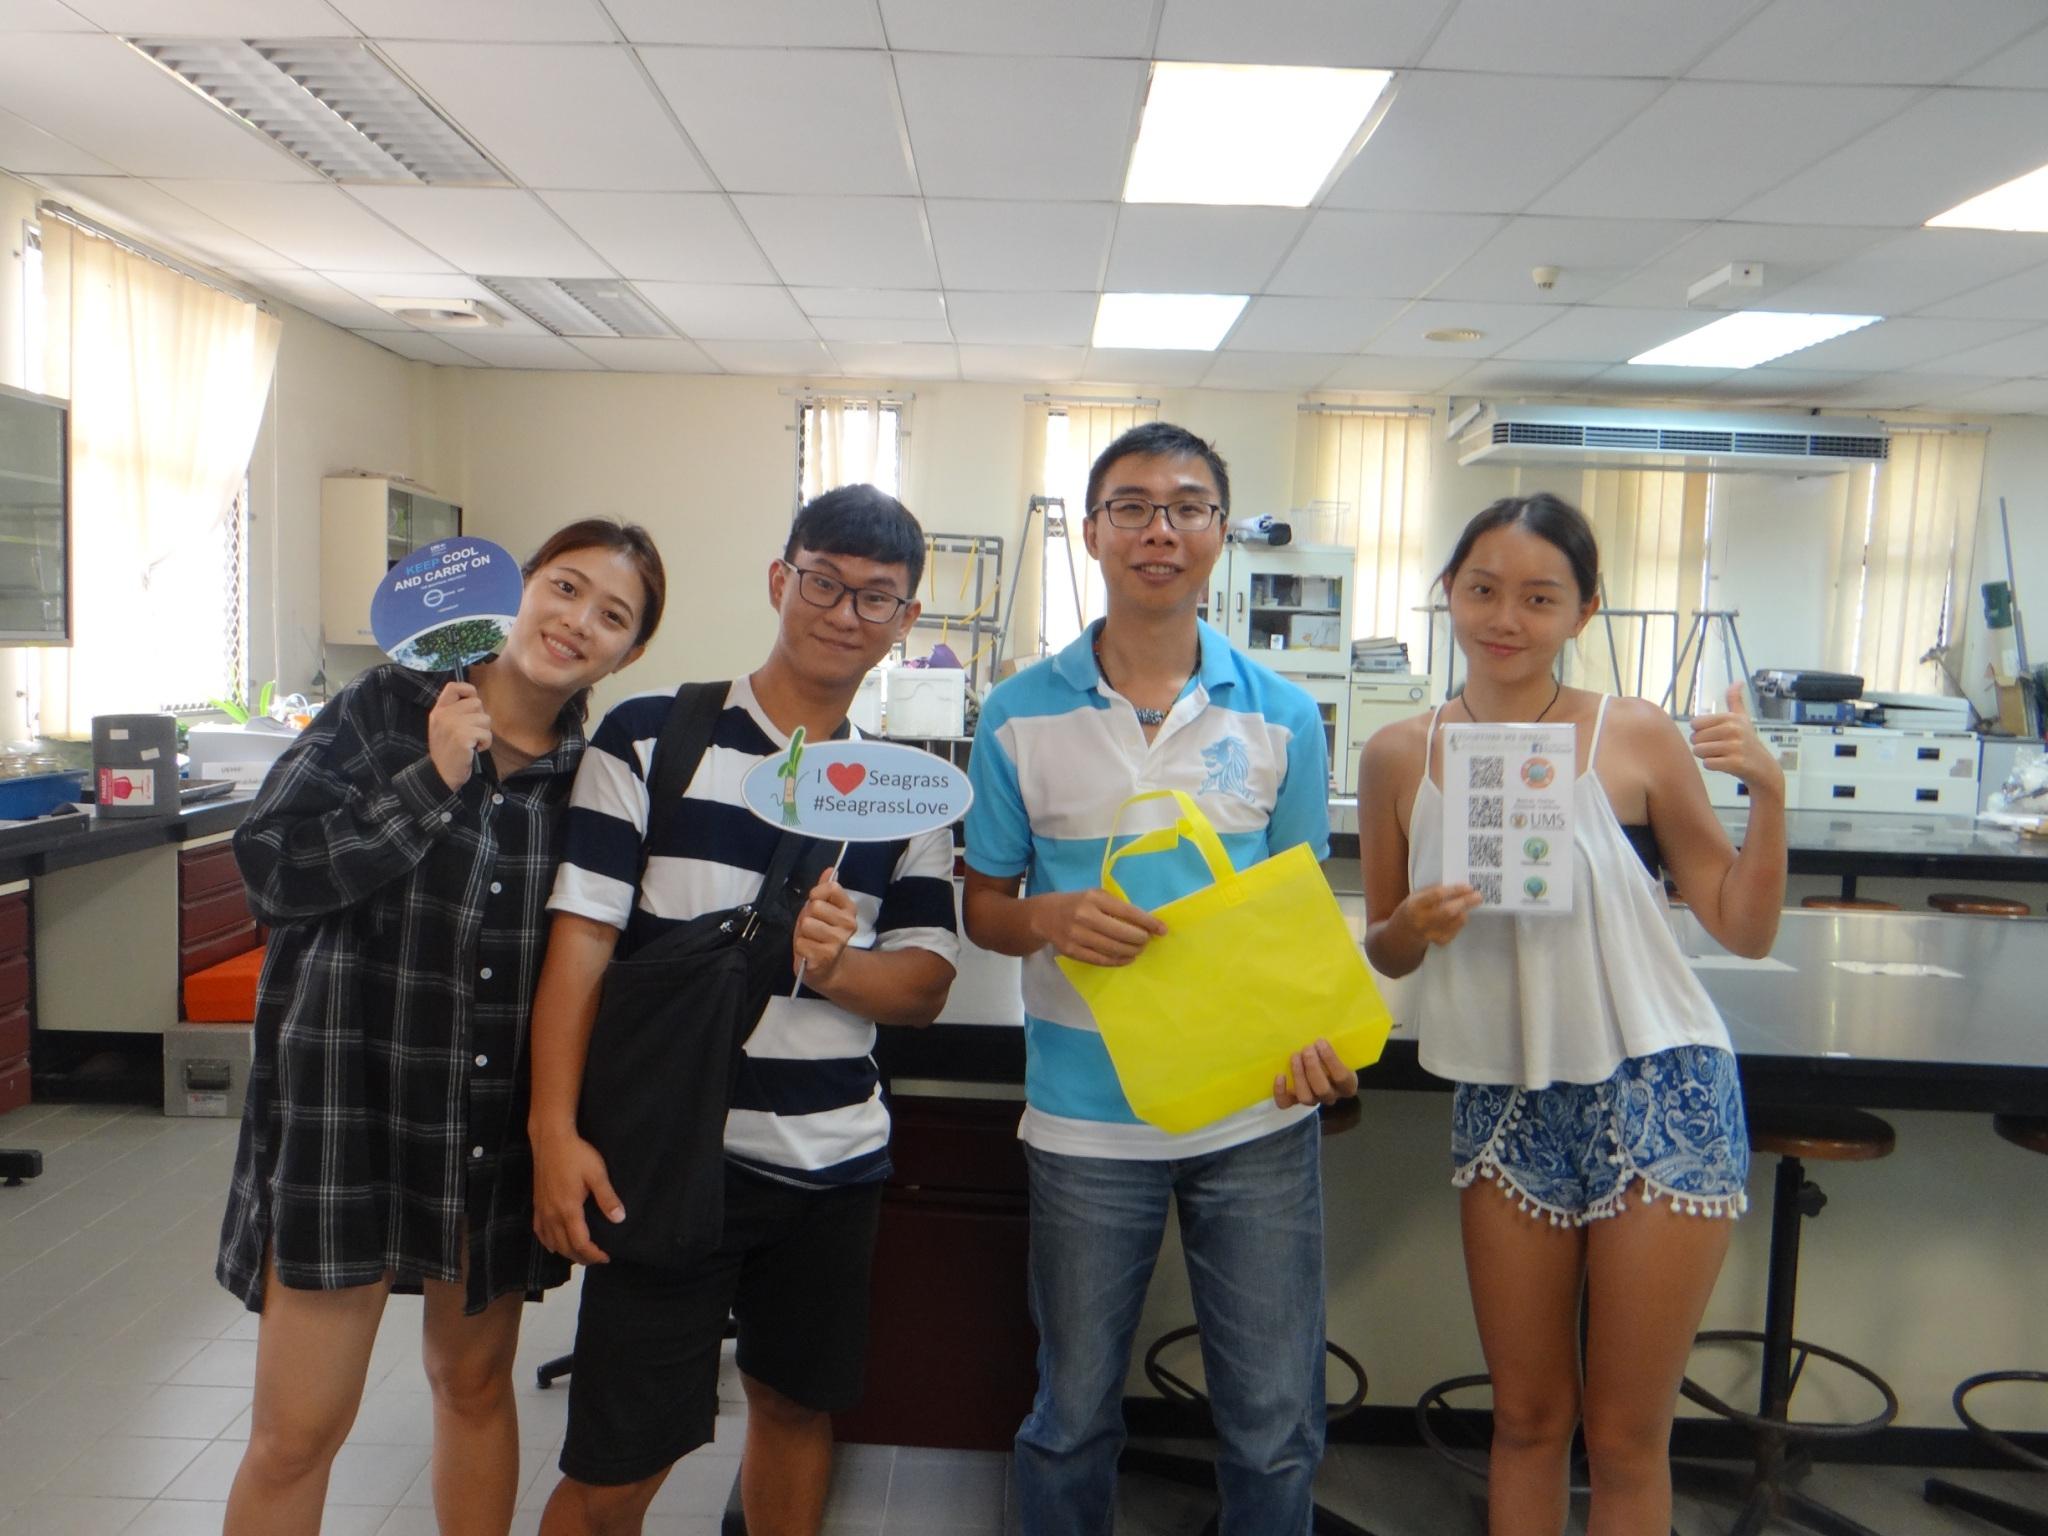 「馬上去巴,海的行動」獲得教育部青年發展署「大專校院學生國際體驗學習計畫」競賽優勝。